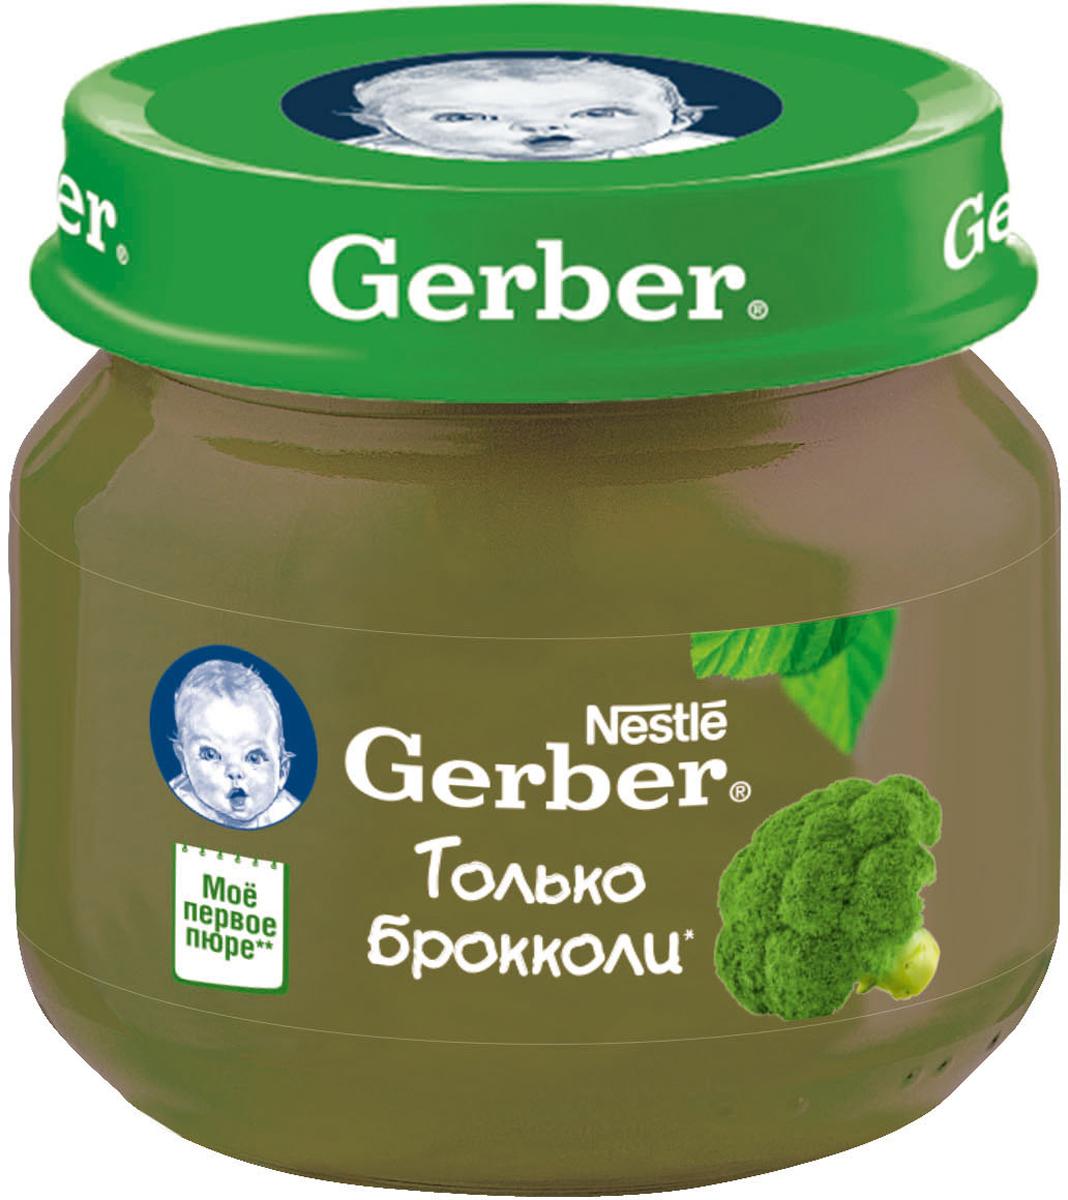 Gerber пюре брокколи, 80 г gerber пюре брокколи с 4 месяцев 12 шт по 130 г